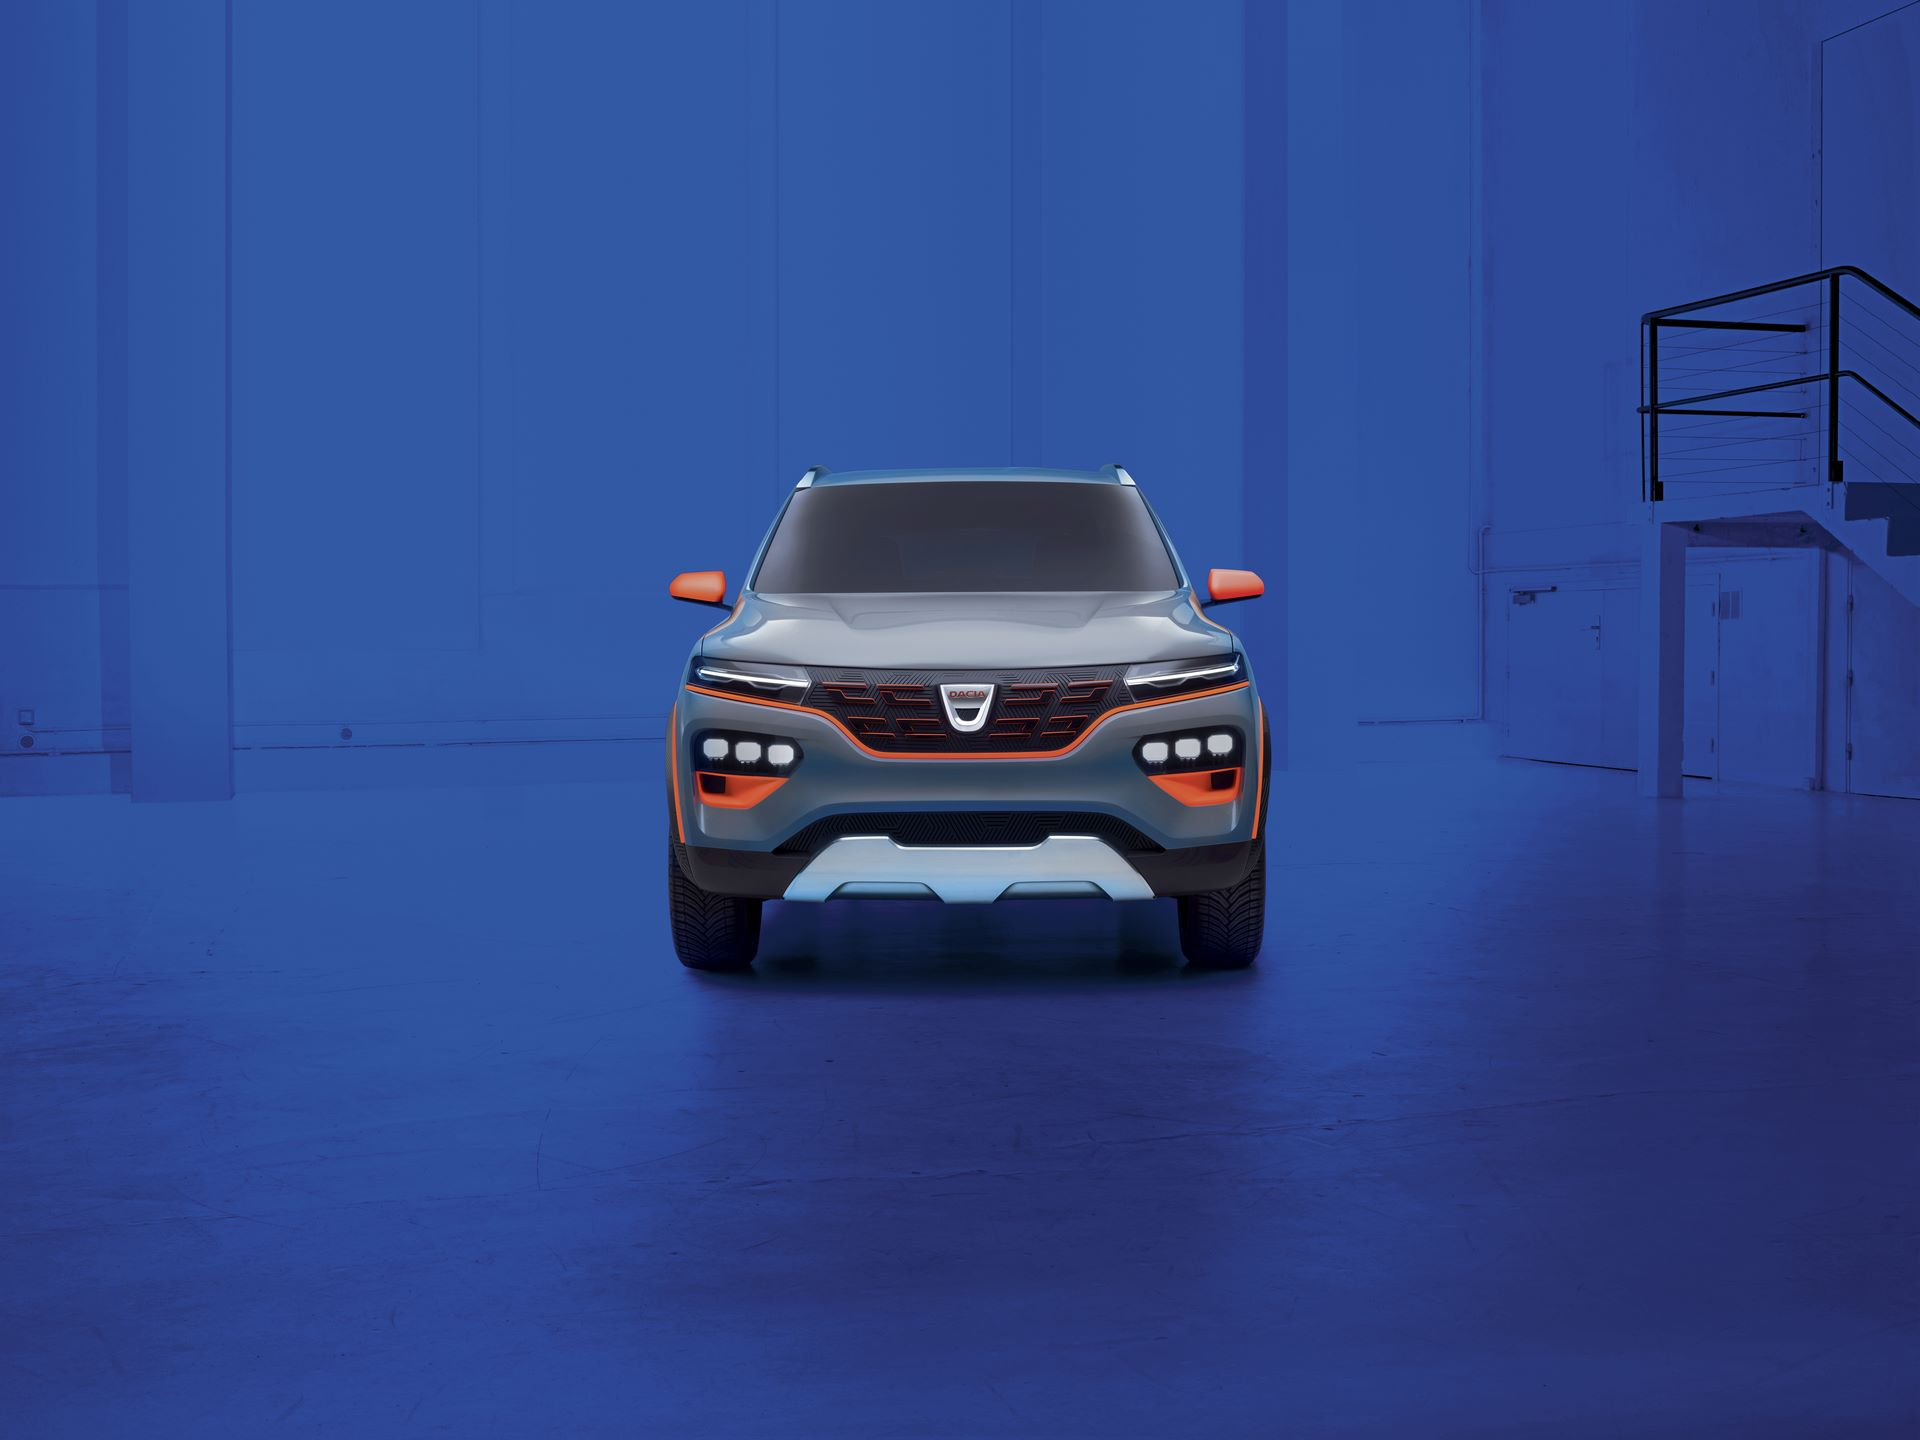 Dacia-Spring-Electric-concept-7